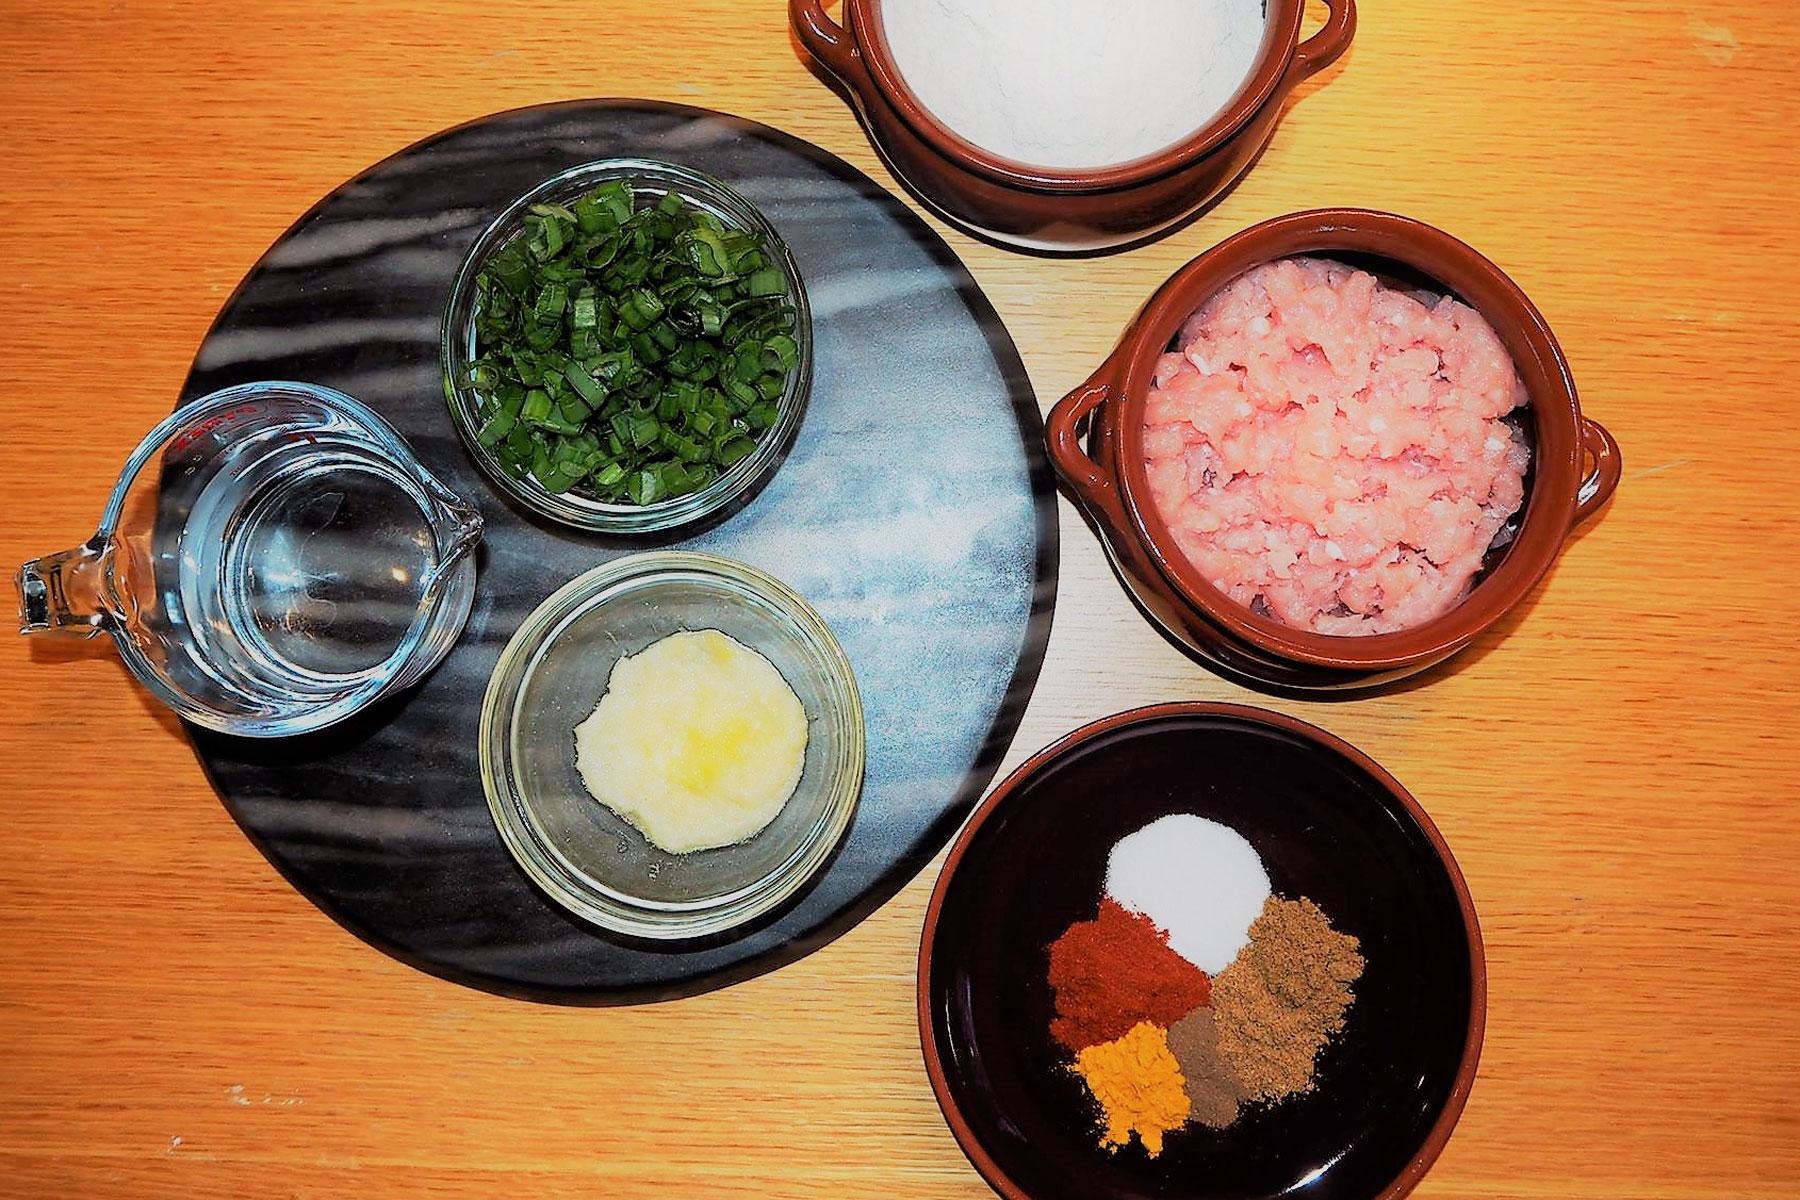 Rochani momo ingrediants